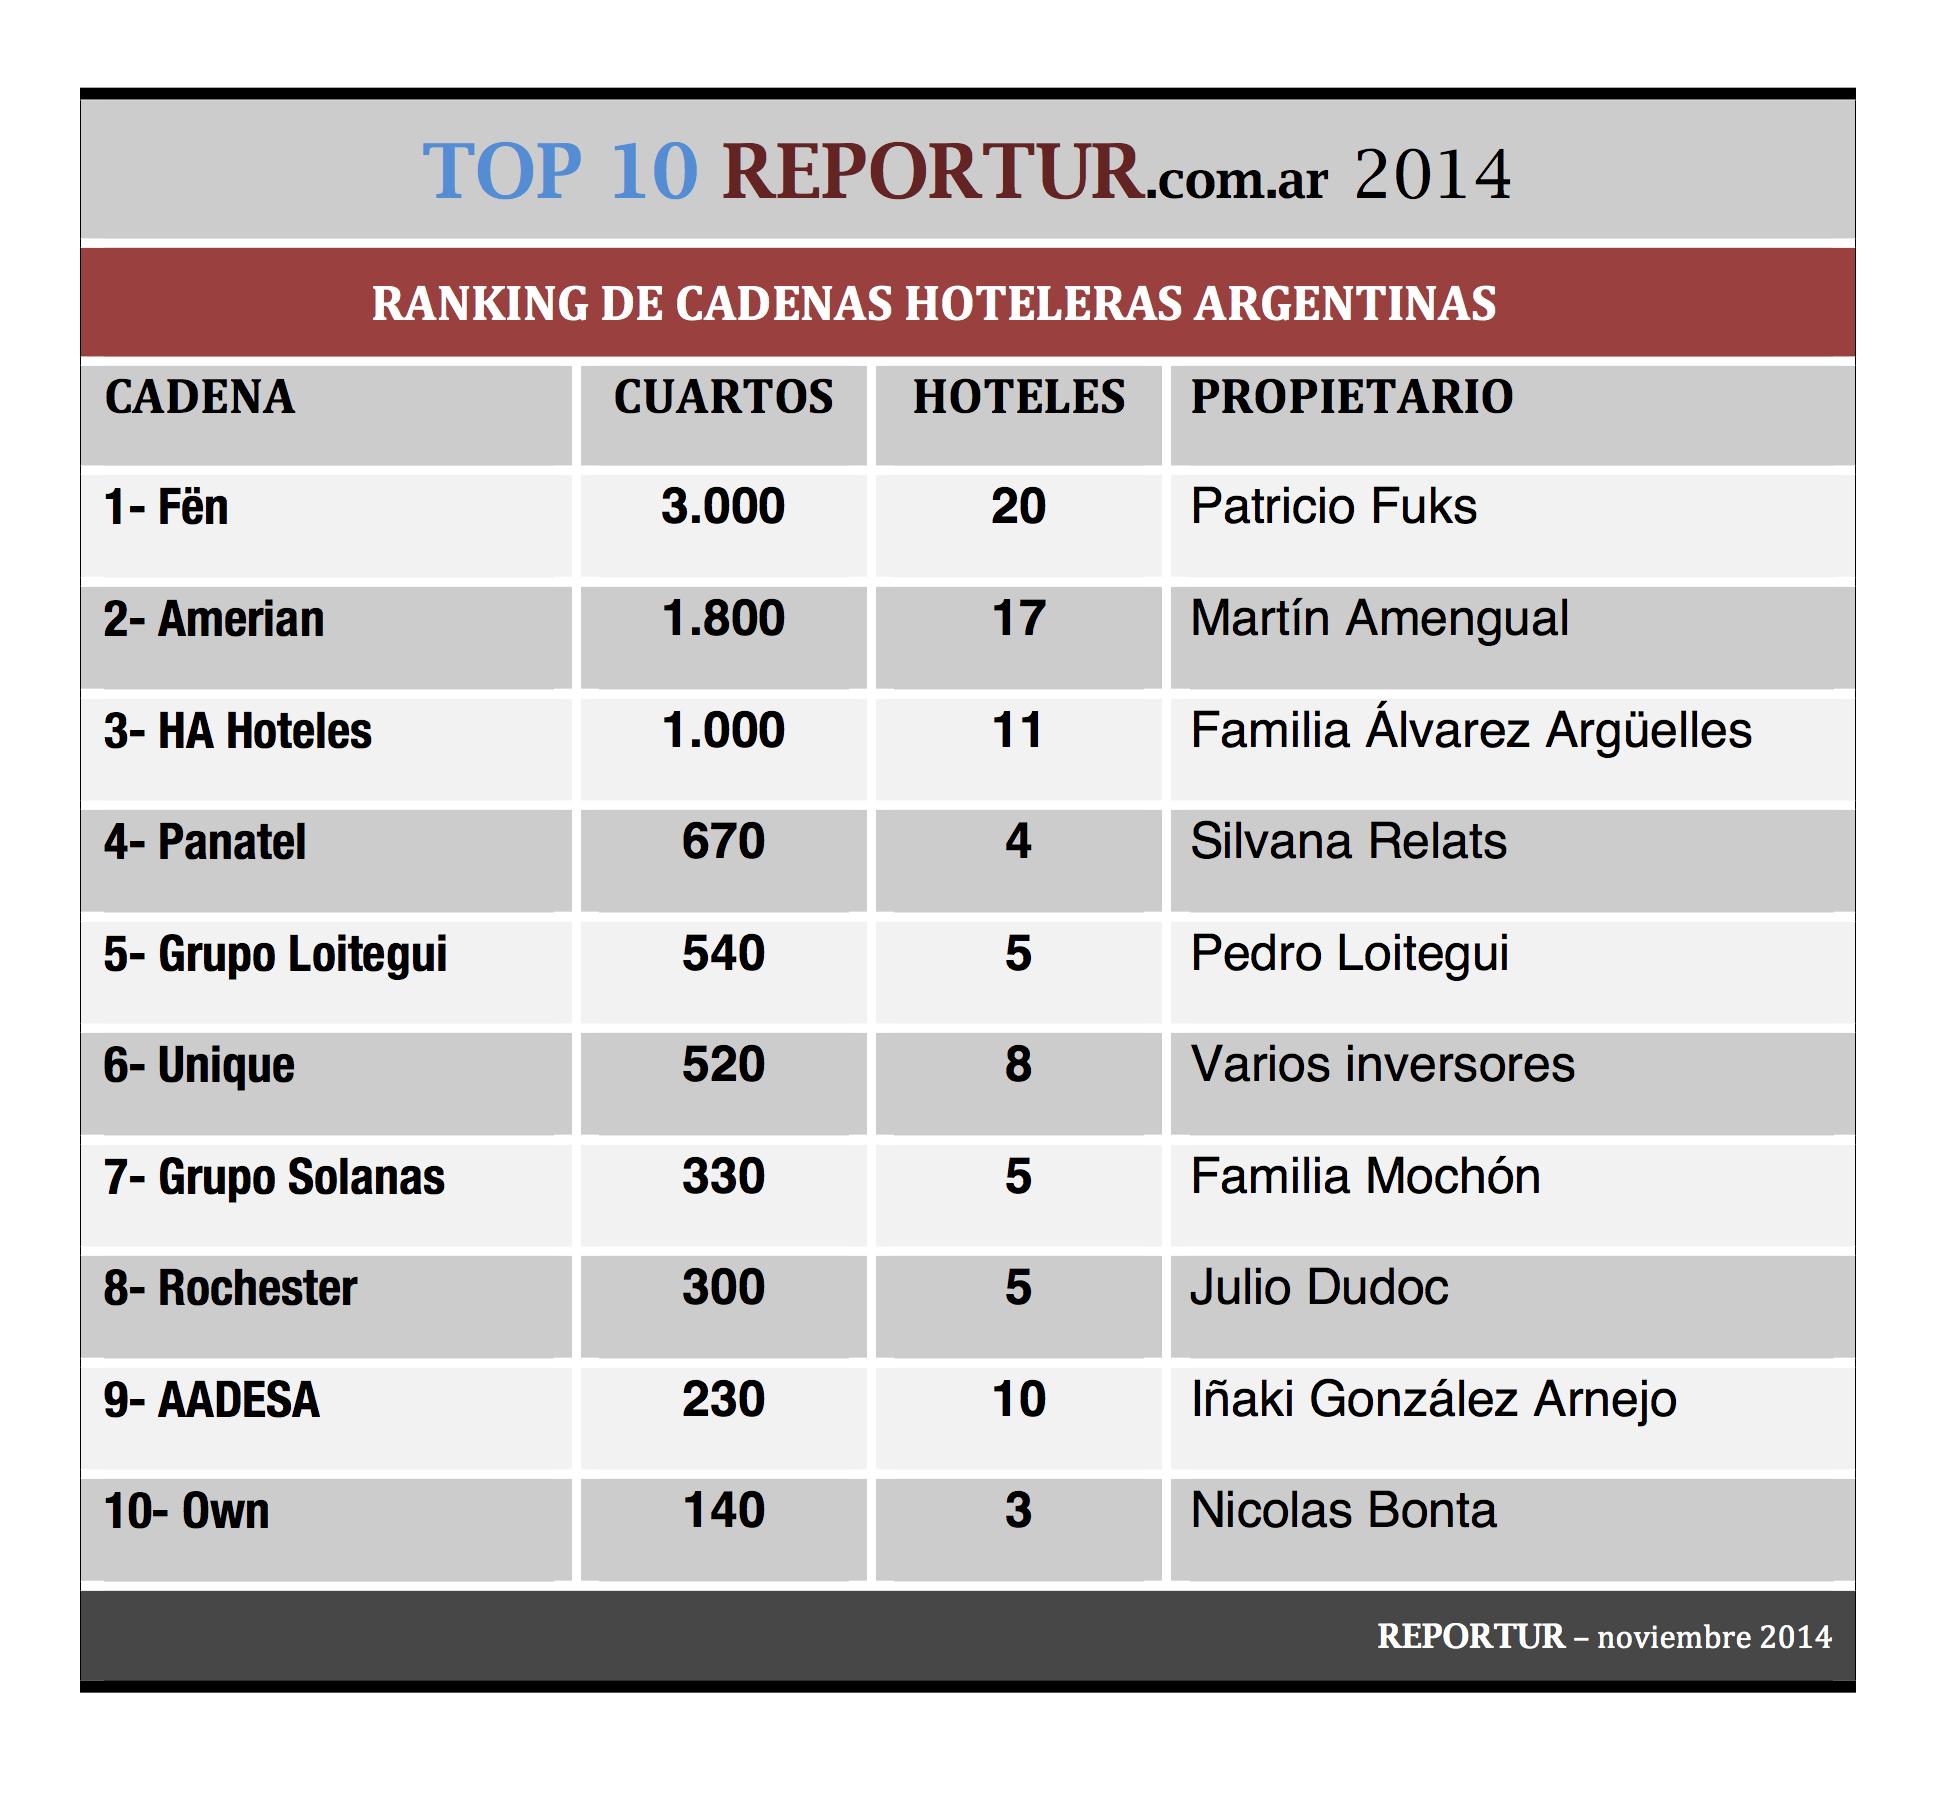 TOP 10 REPORTUR Argentina